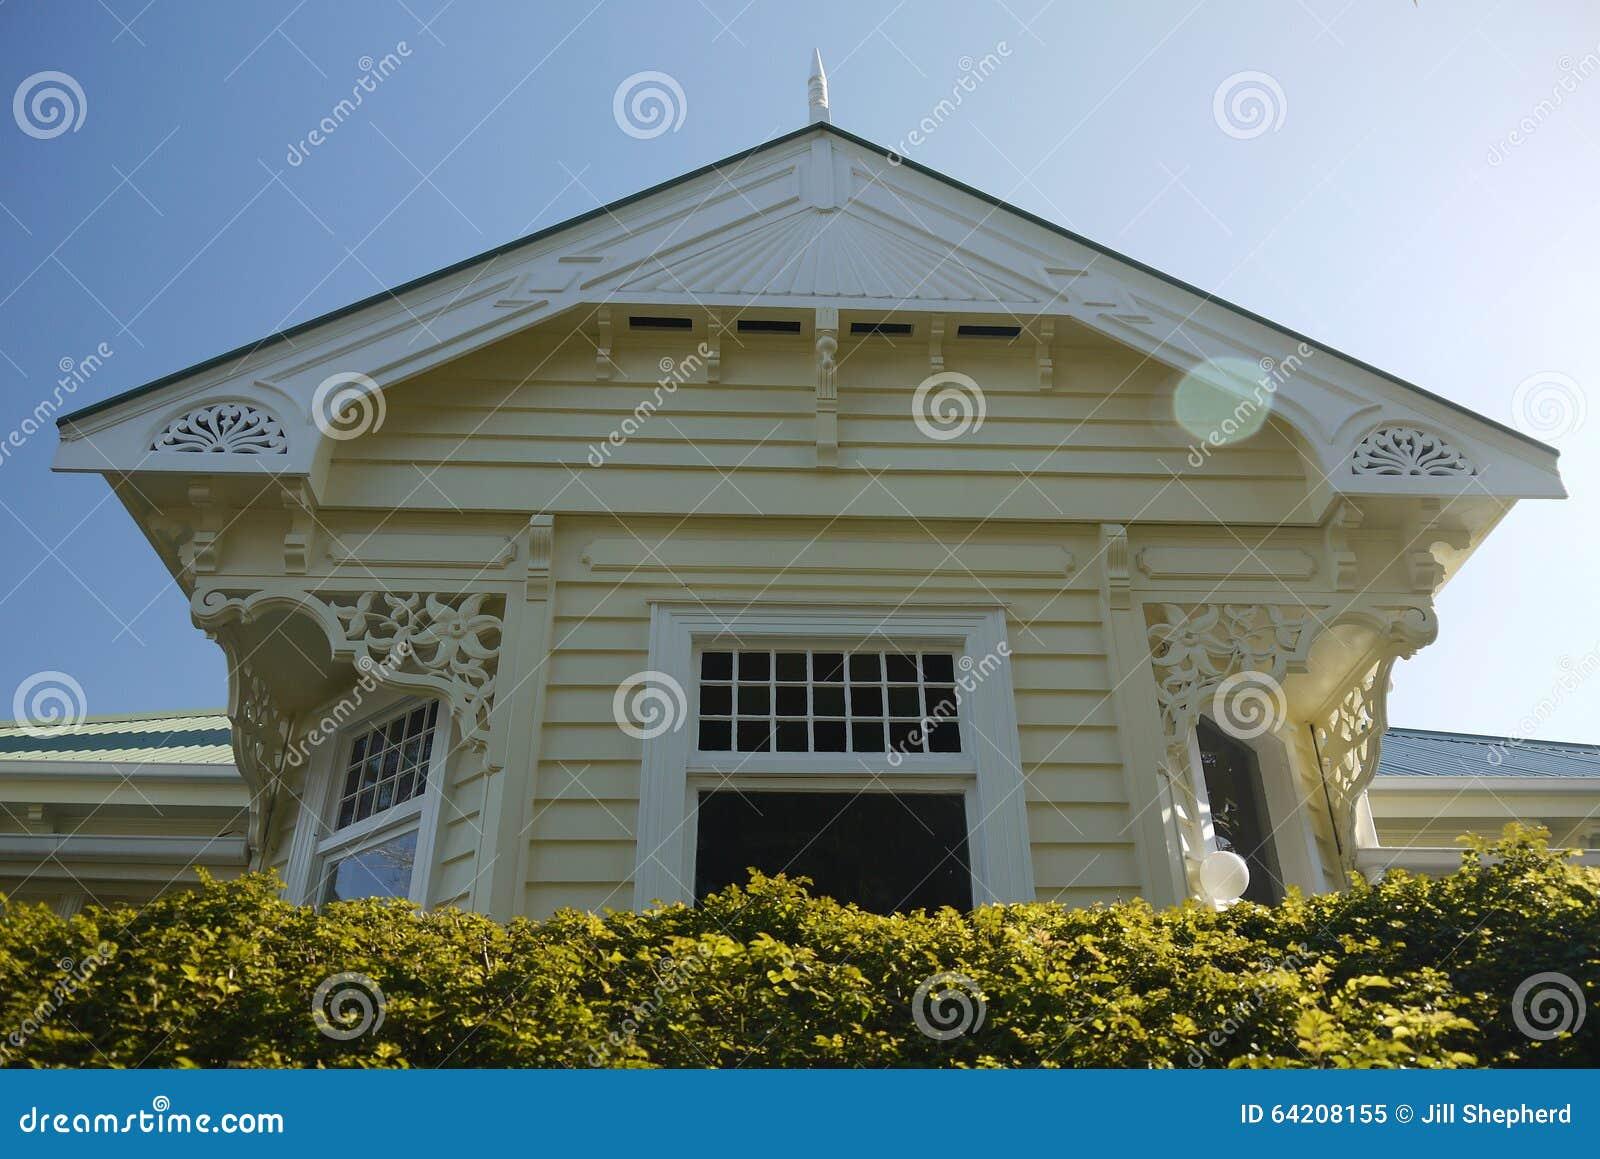 Nya Zeeland: klassiskt trävillahem